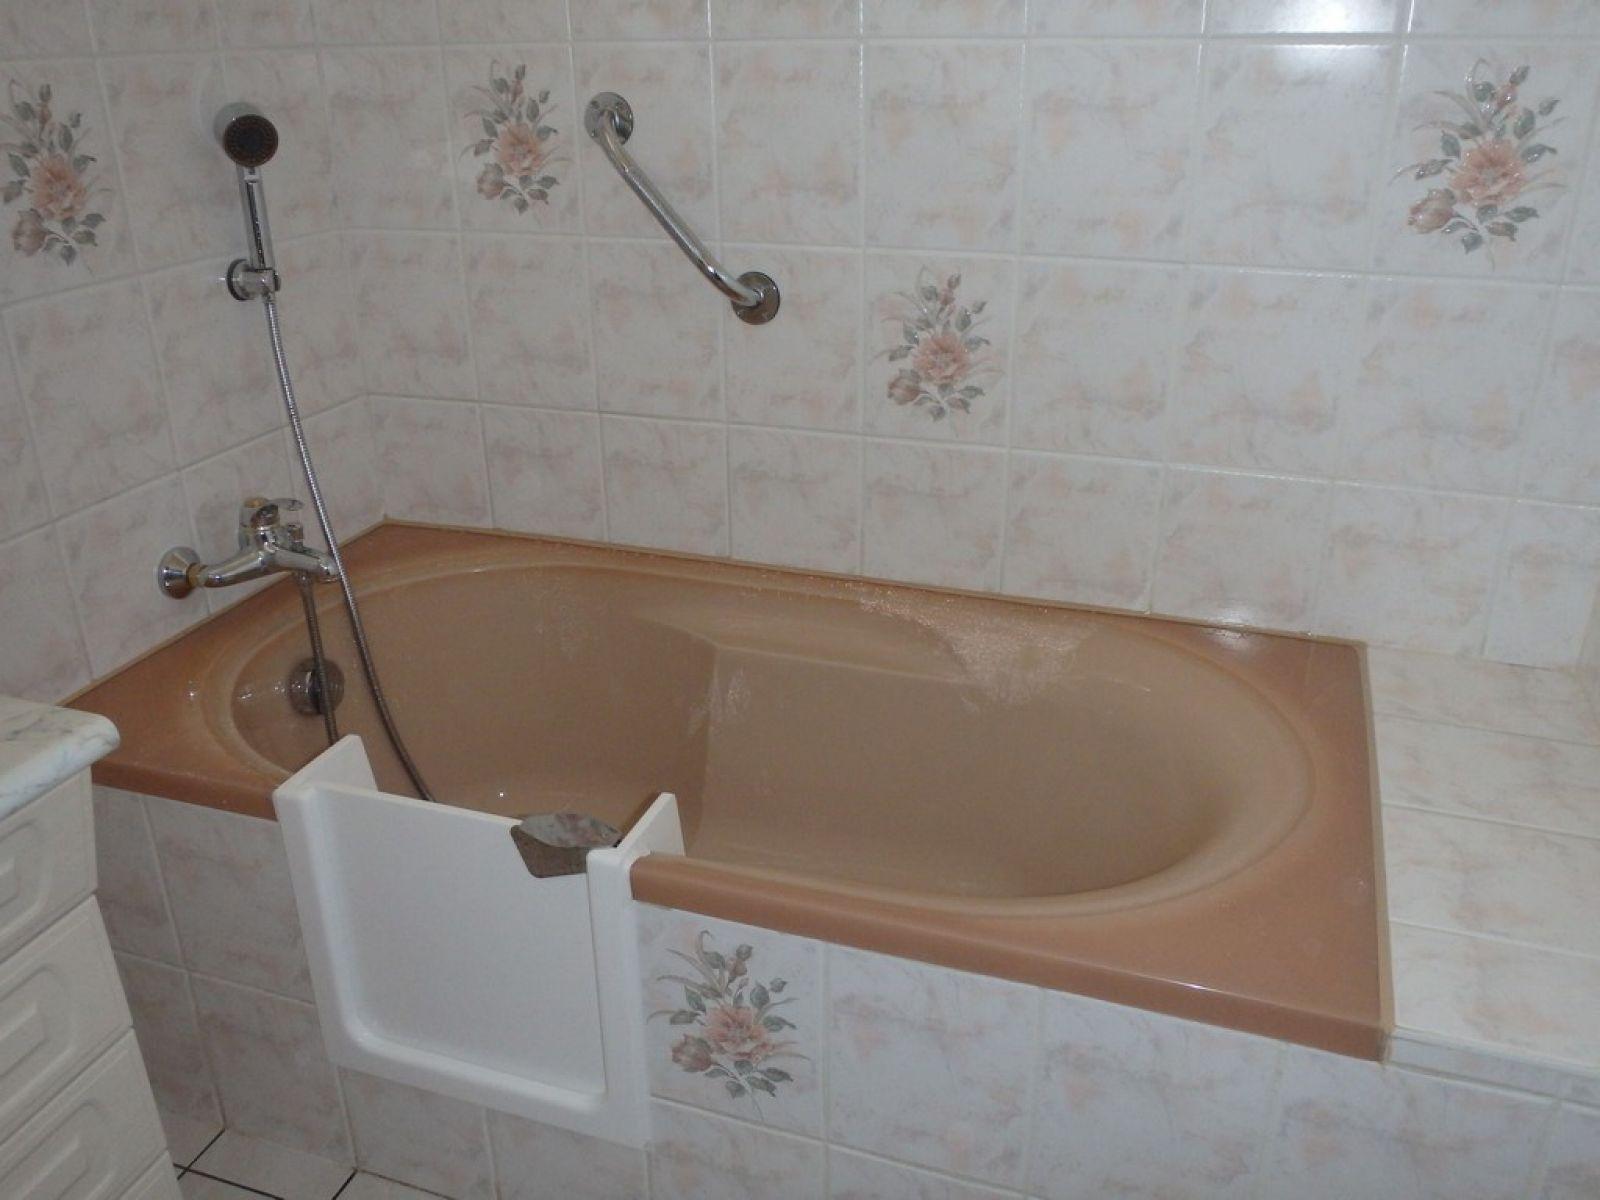 baignoire a porte pas cher bordeaux sobain. Black Bedroom Furniture Sets. Home Design Ideas